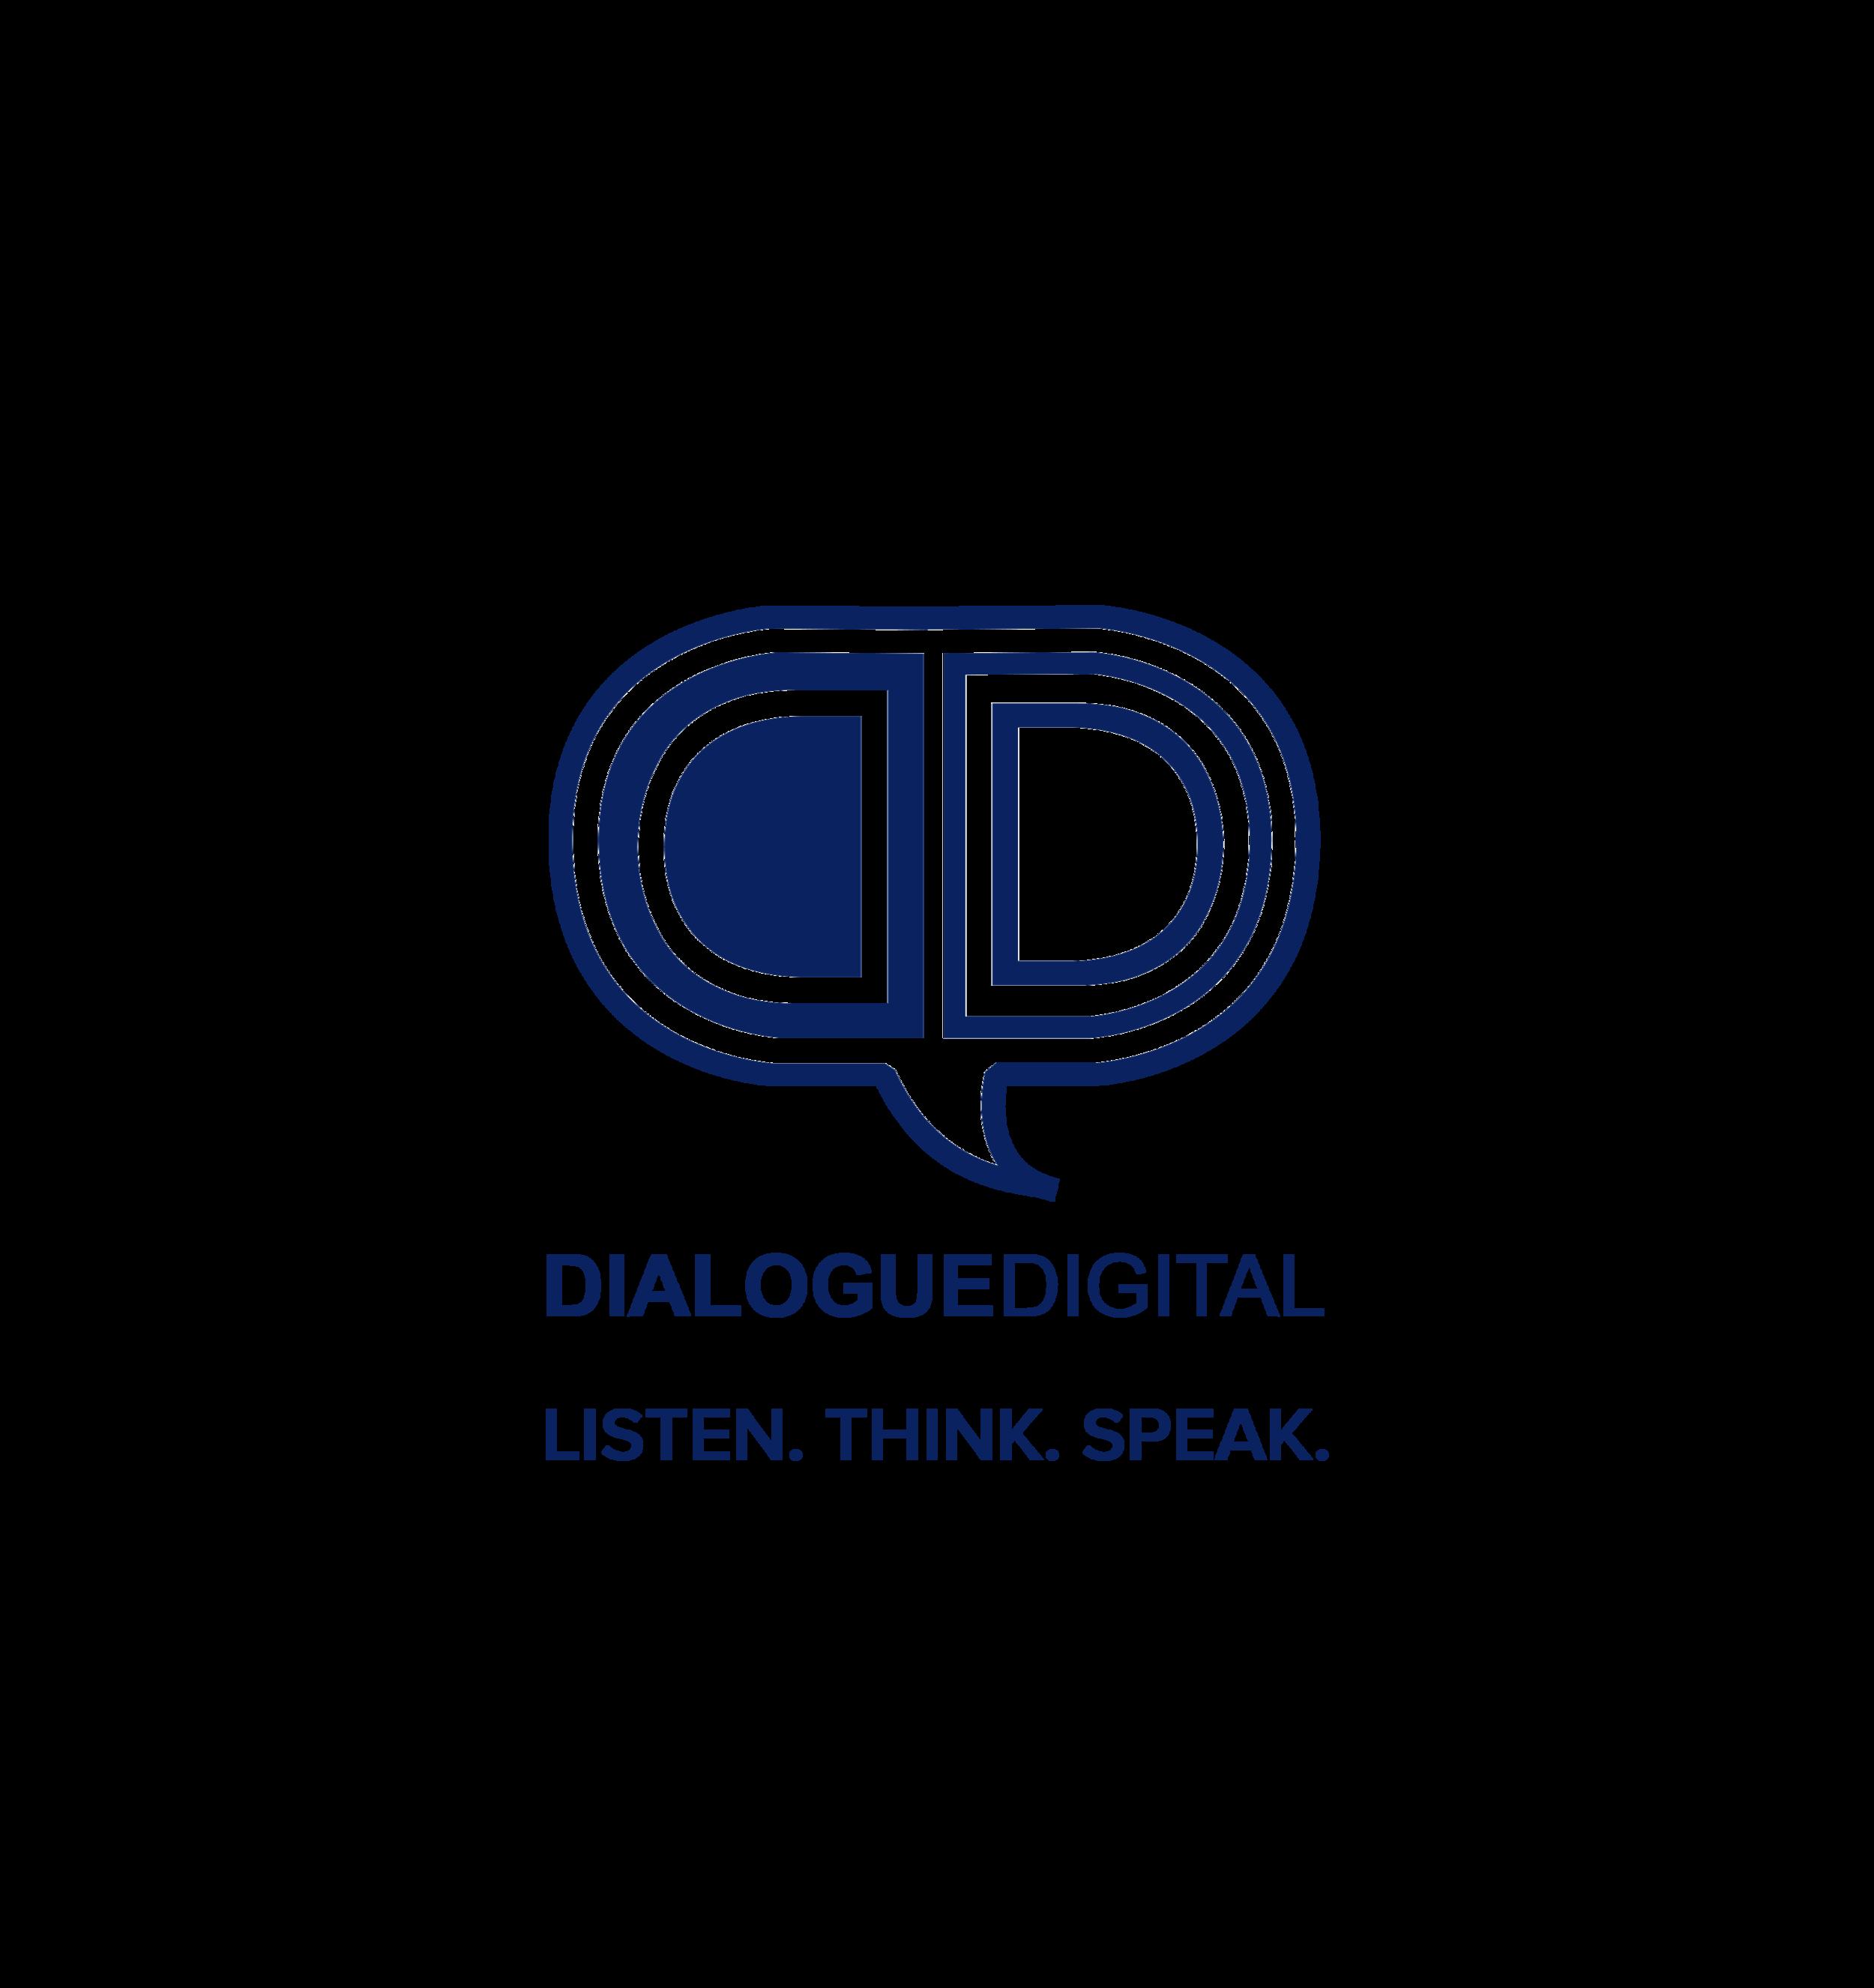 Dialogue Digital Foundation